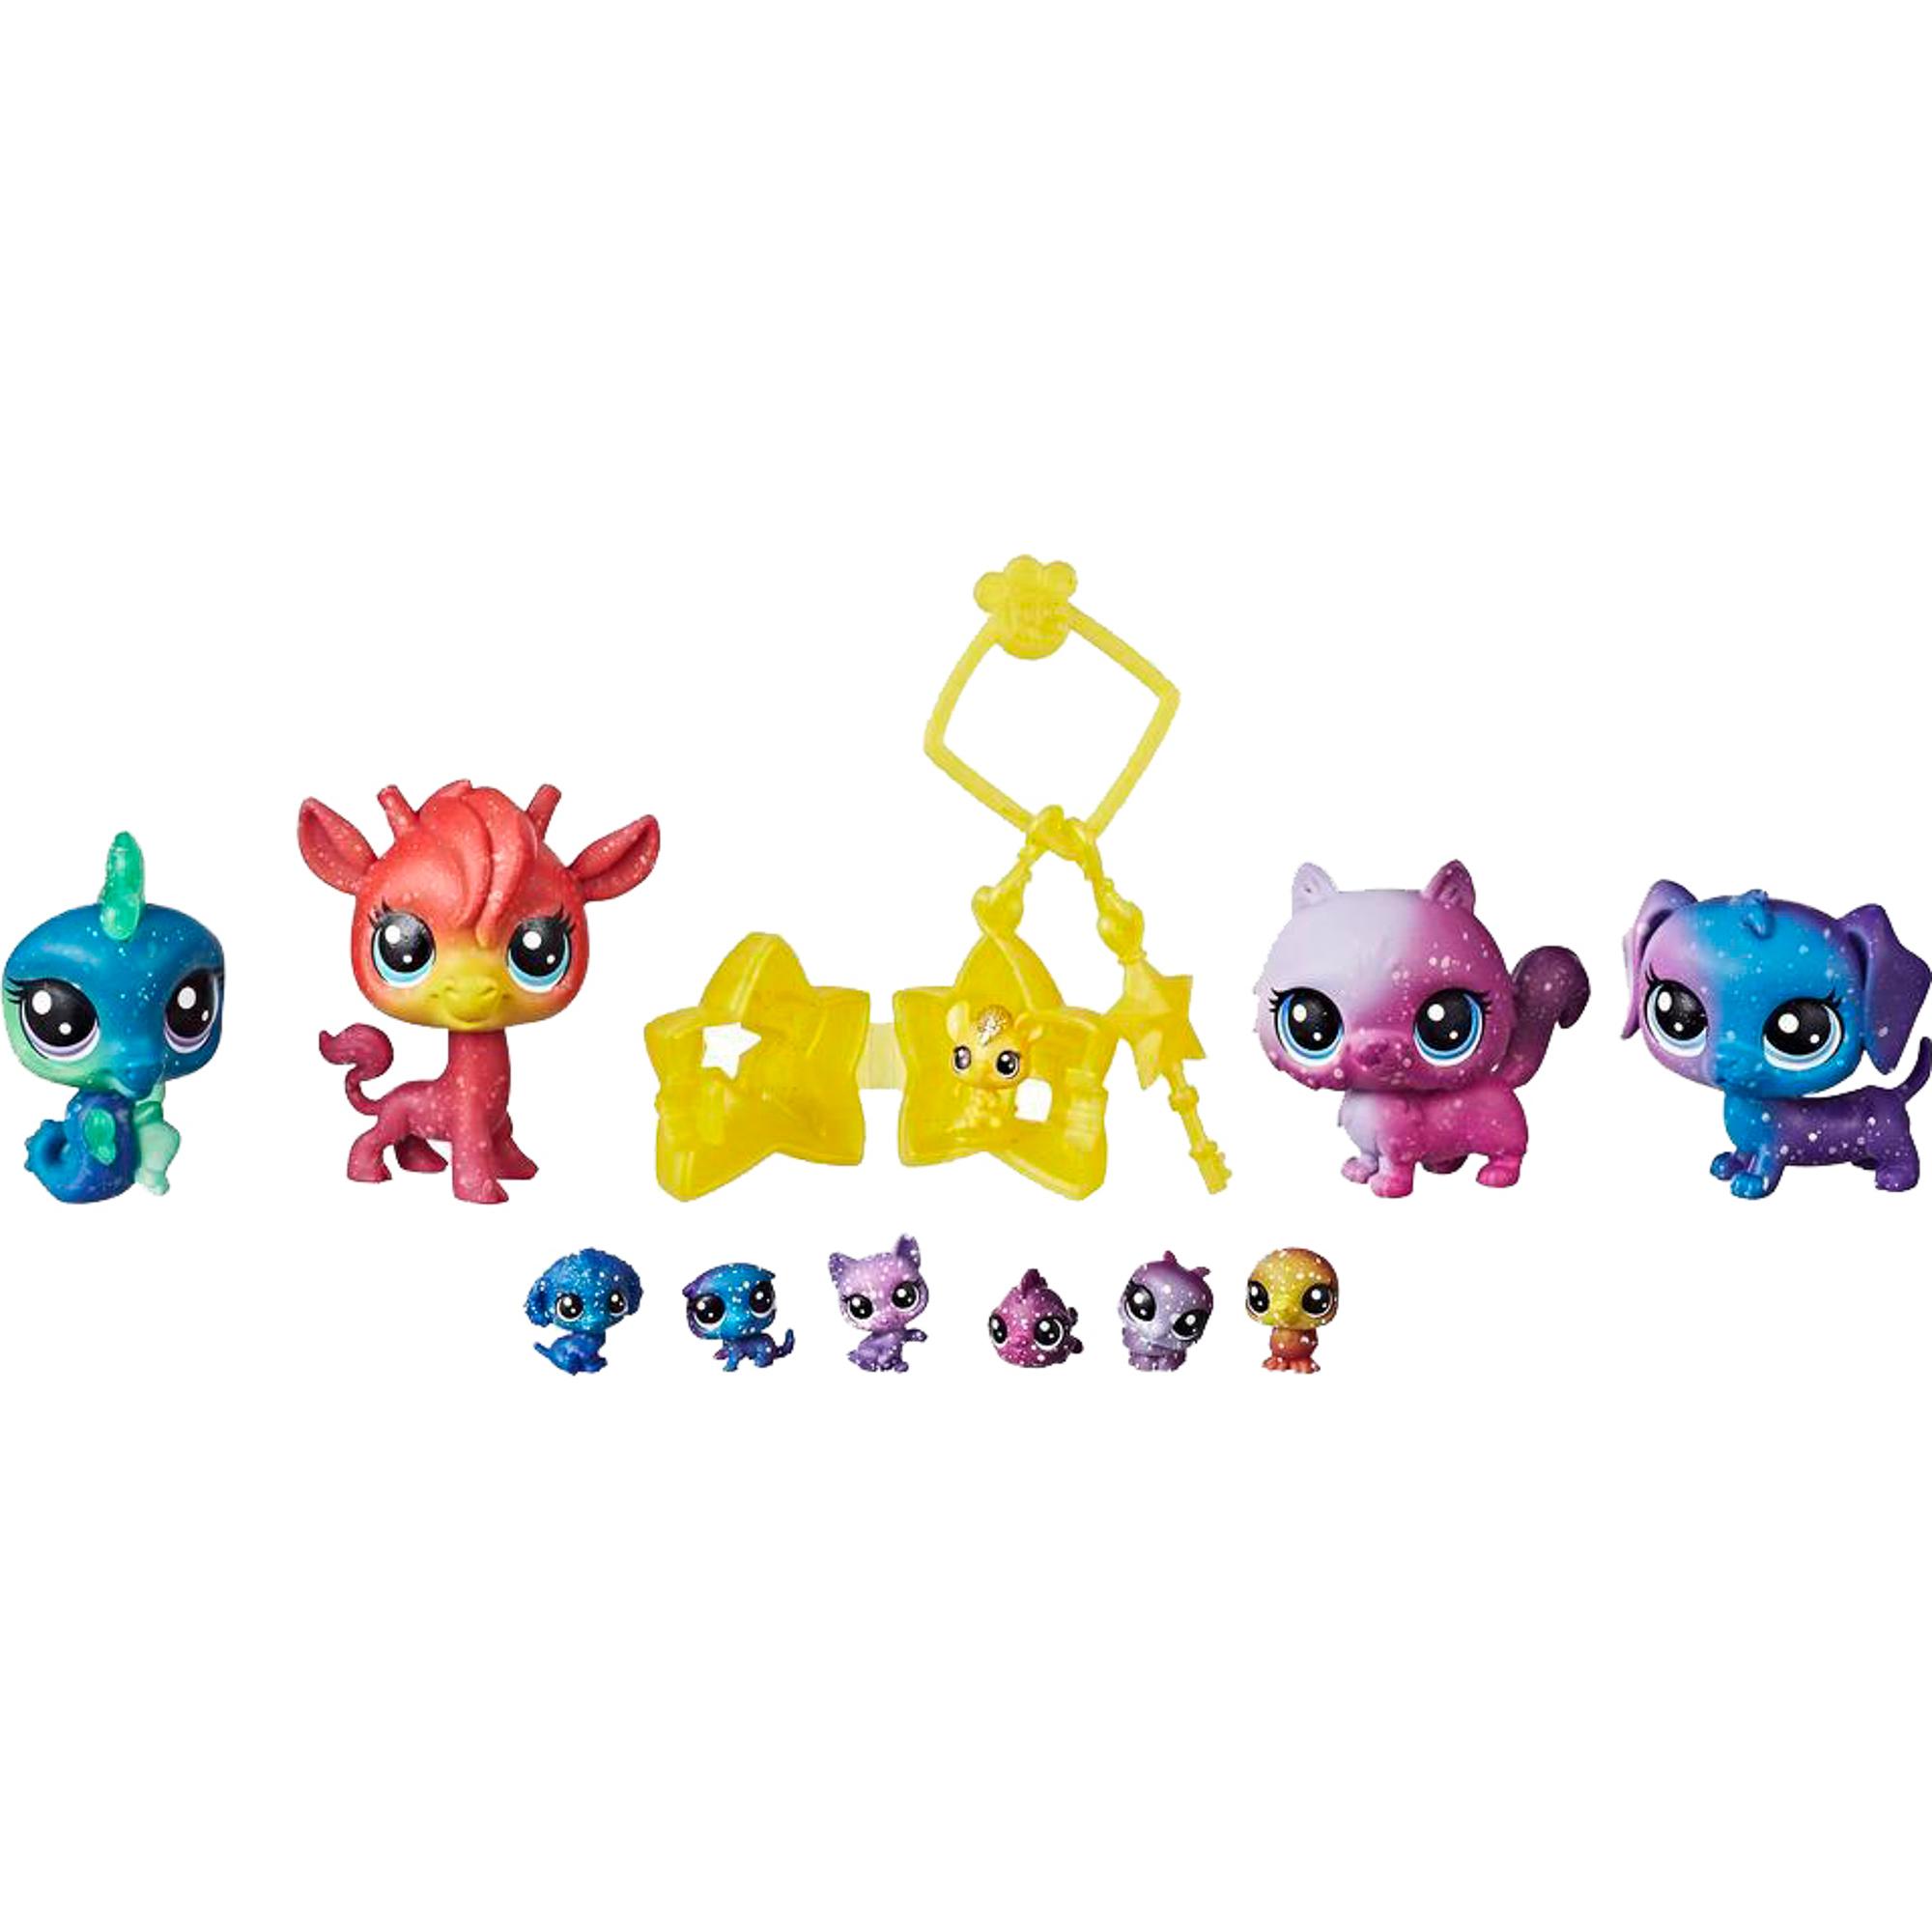 Фото - Игровой набор Hasbro Littlest Pet Shop 11 космических Петов hasbro littlest pet shop e5148 литлс пет шоп игровой набор букетный набор петов